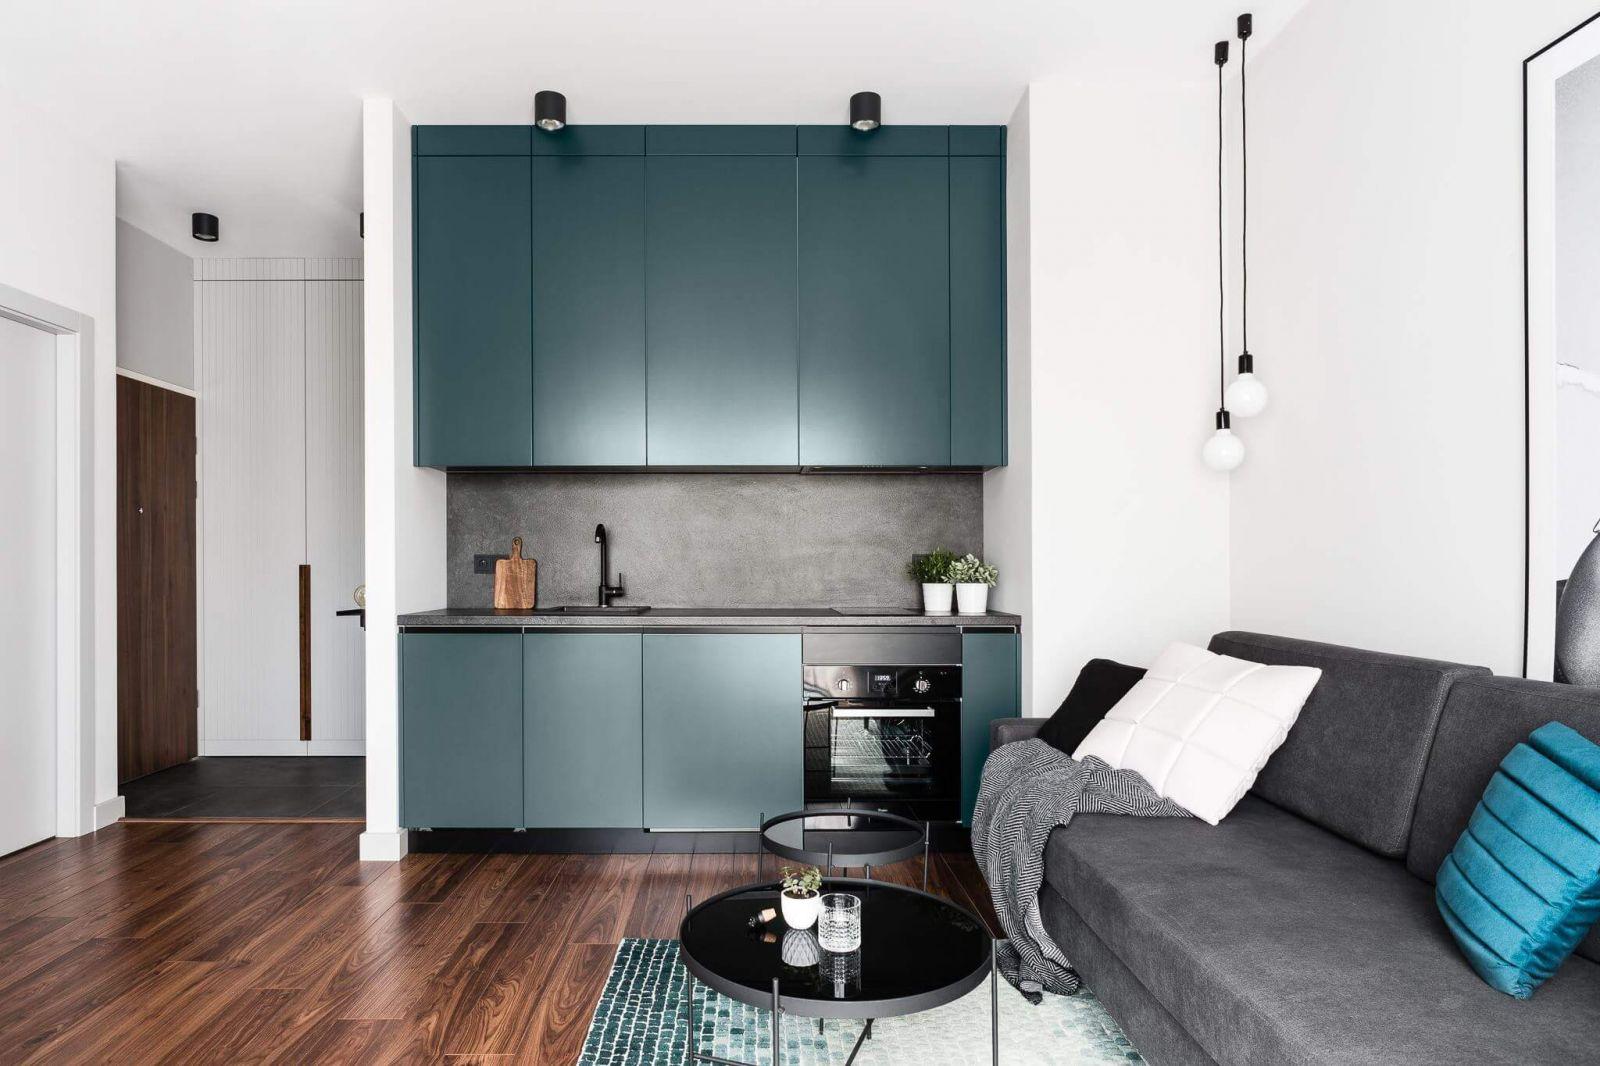 В небольшой гостиной нашлось место для зоны отдыха, включающей небольшой раскладной диван для гостей, который в случае необходимости превращается в дополнительное полноценное спальное место